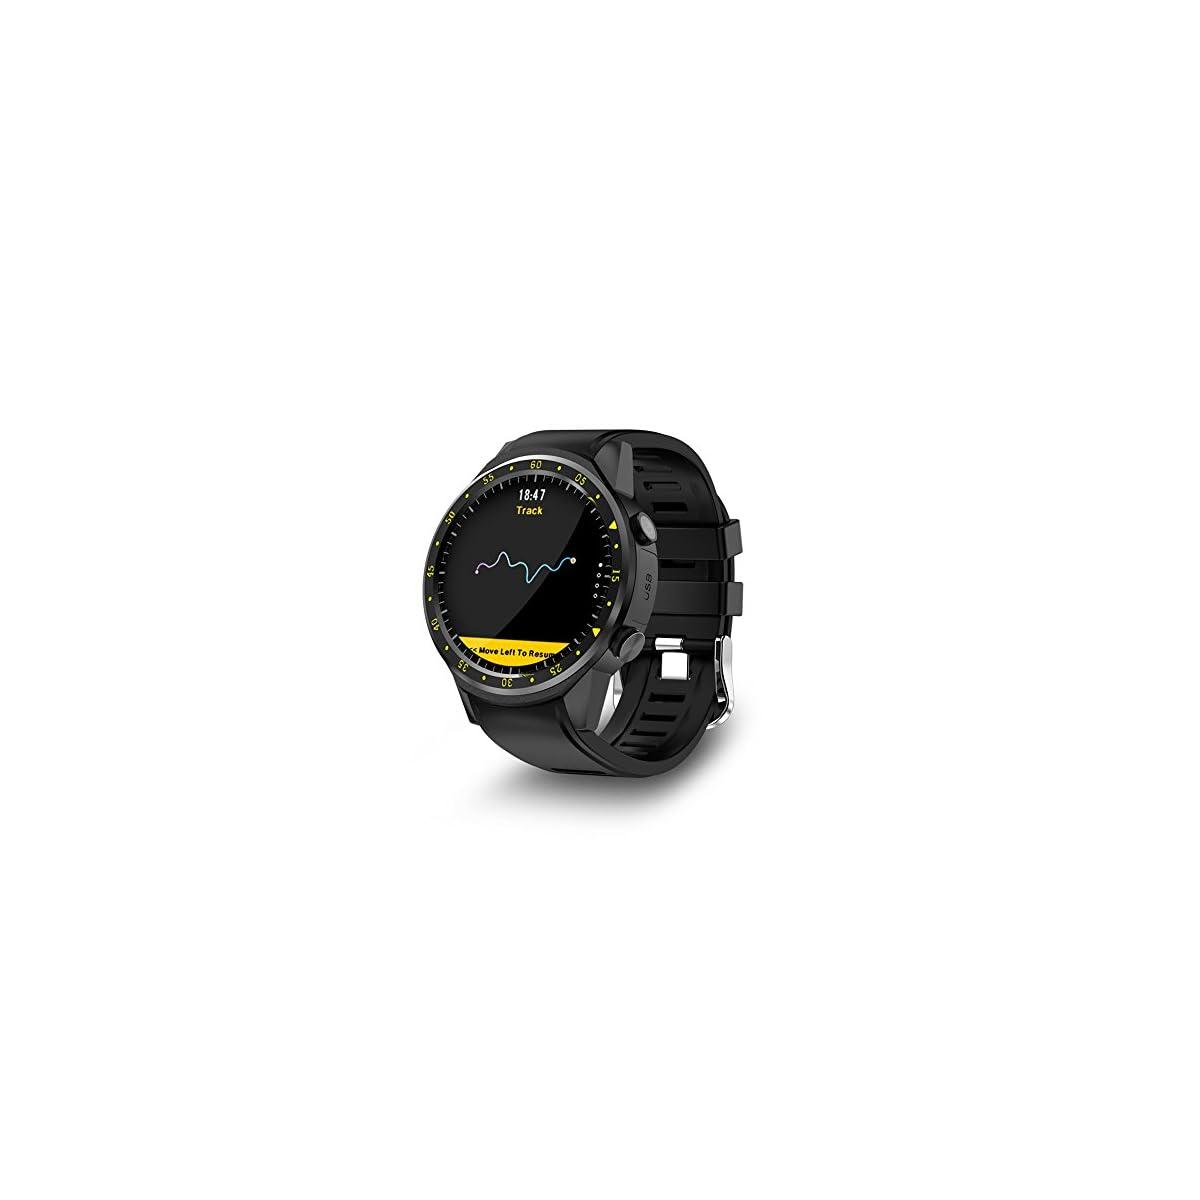 41PtvjNKtHL. SS1200  - Lixada Pantalla Táctil Inteligente Reloj GPS Digital Reloj de Pulsera